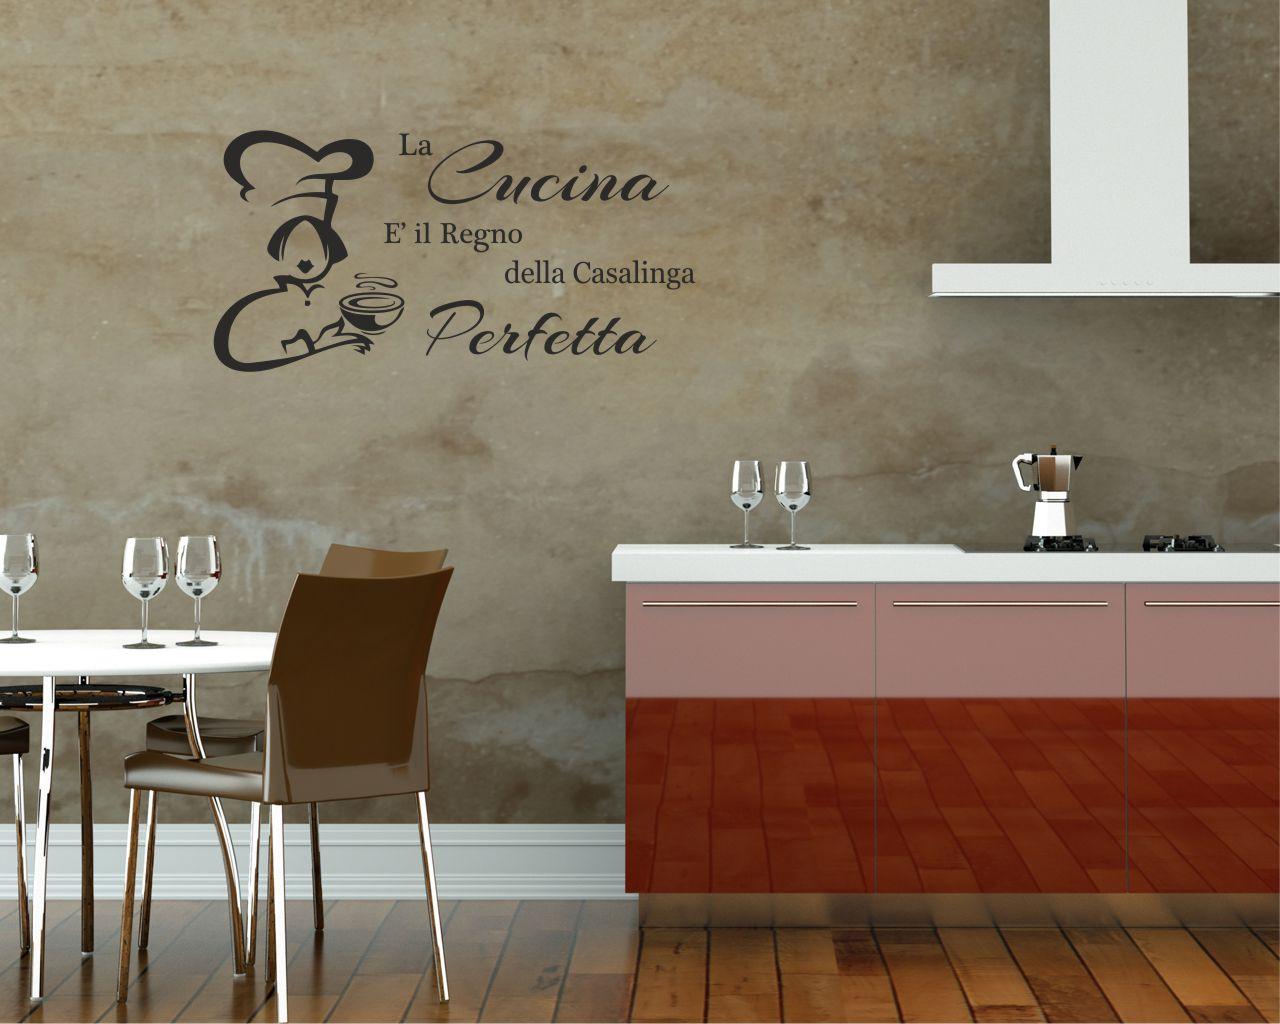 La cucina e il regno food adesivo murale interni for Adesivi x pareti